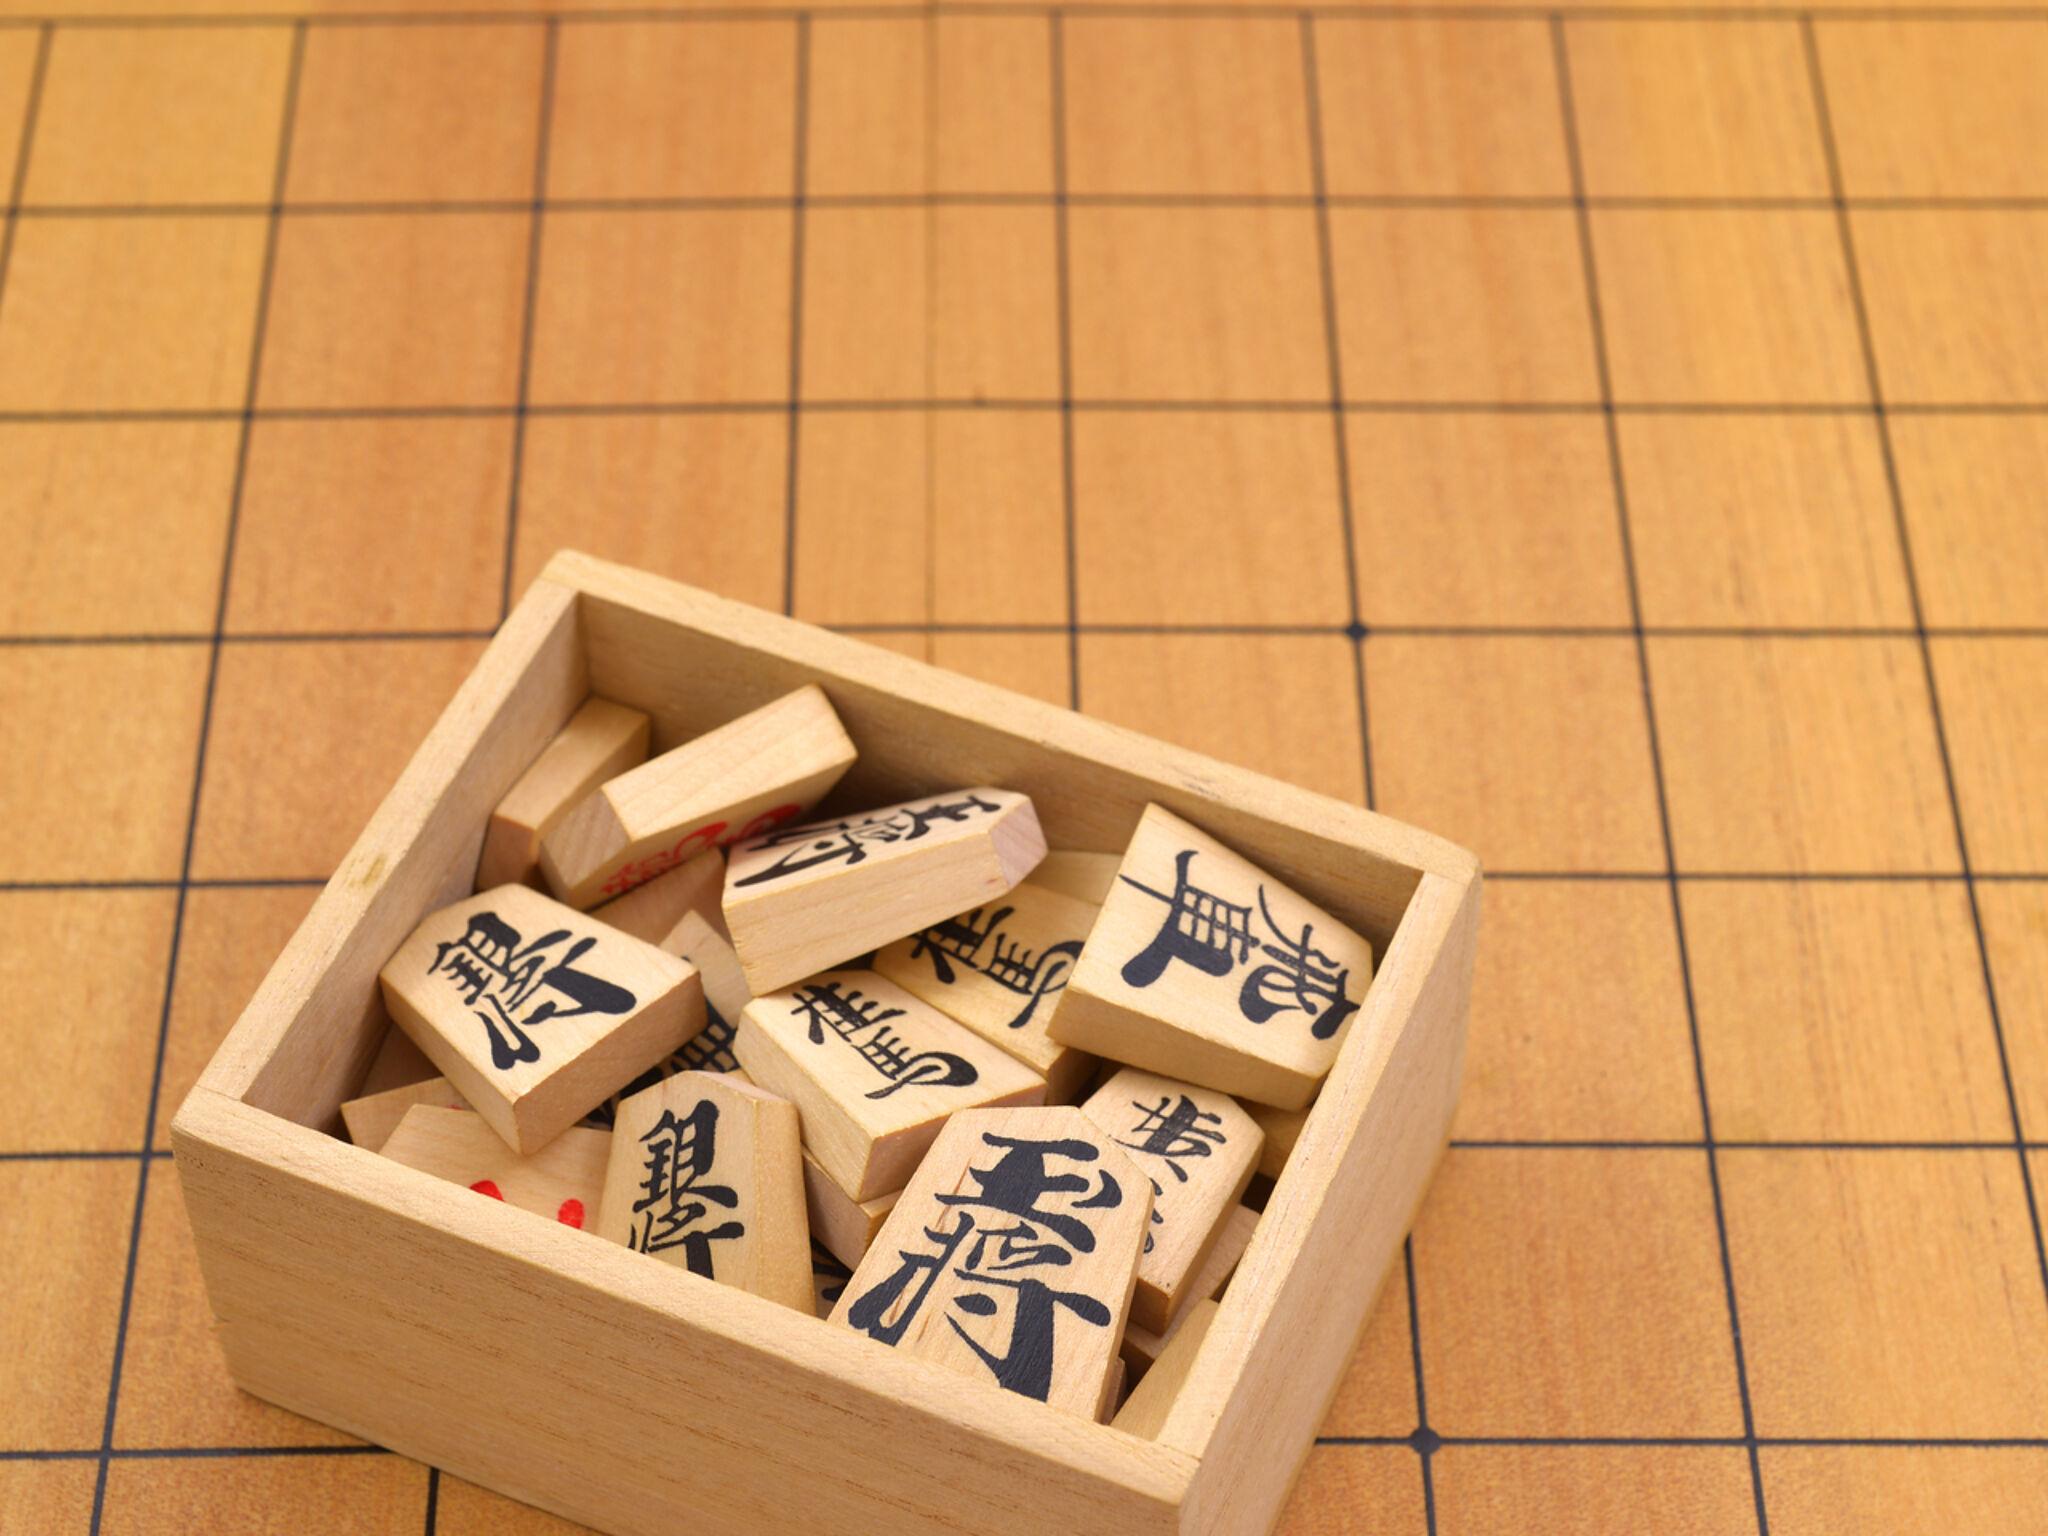 将棋盤の上に駒とケースが置いてある画像